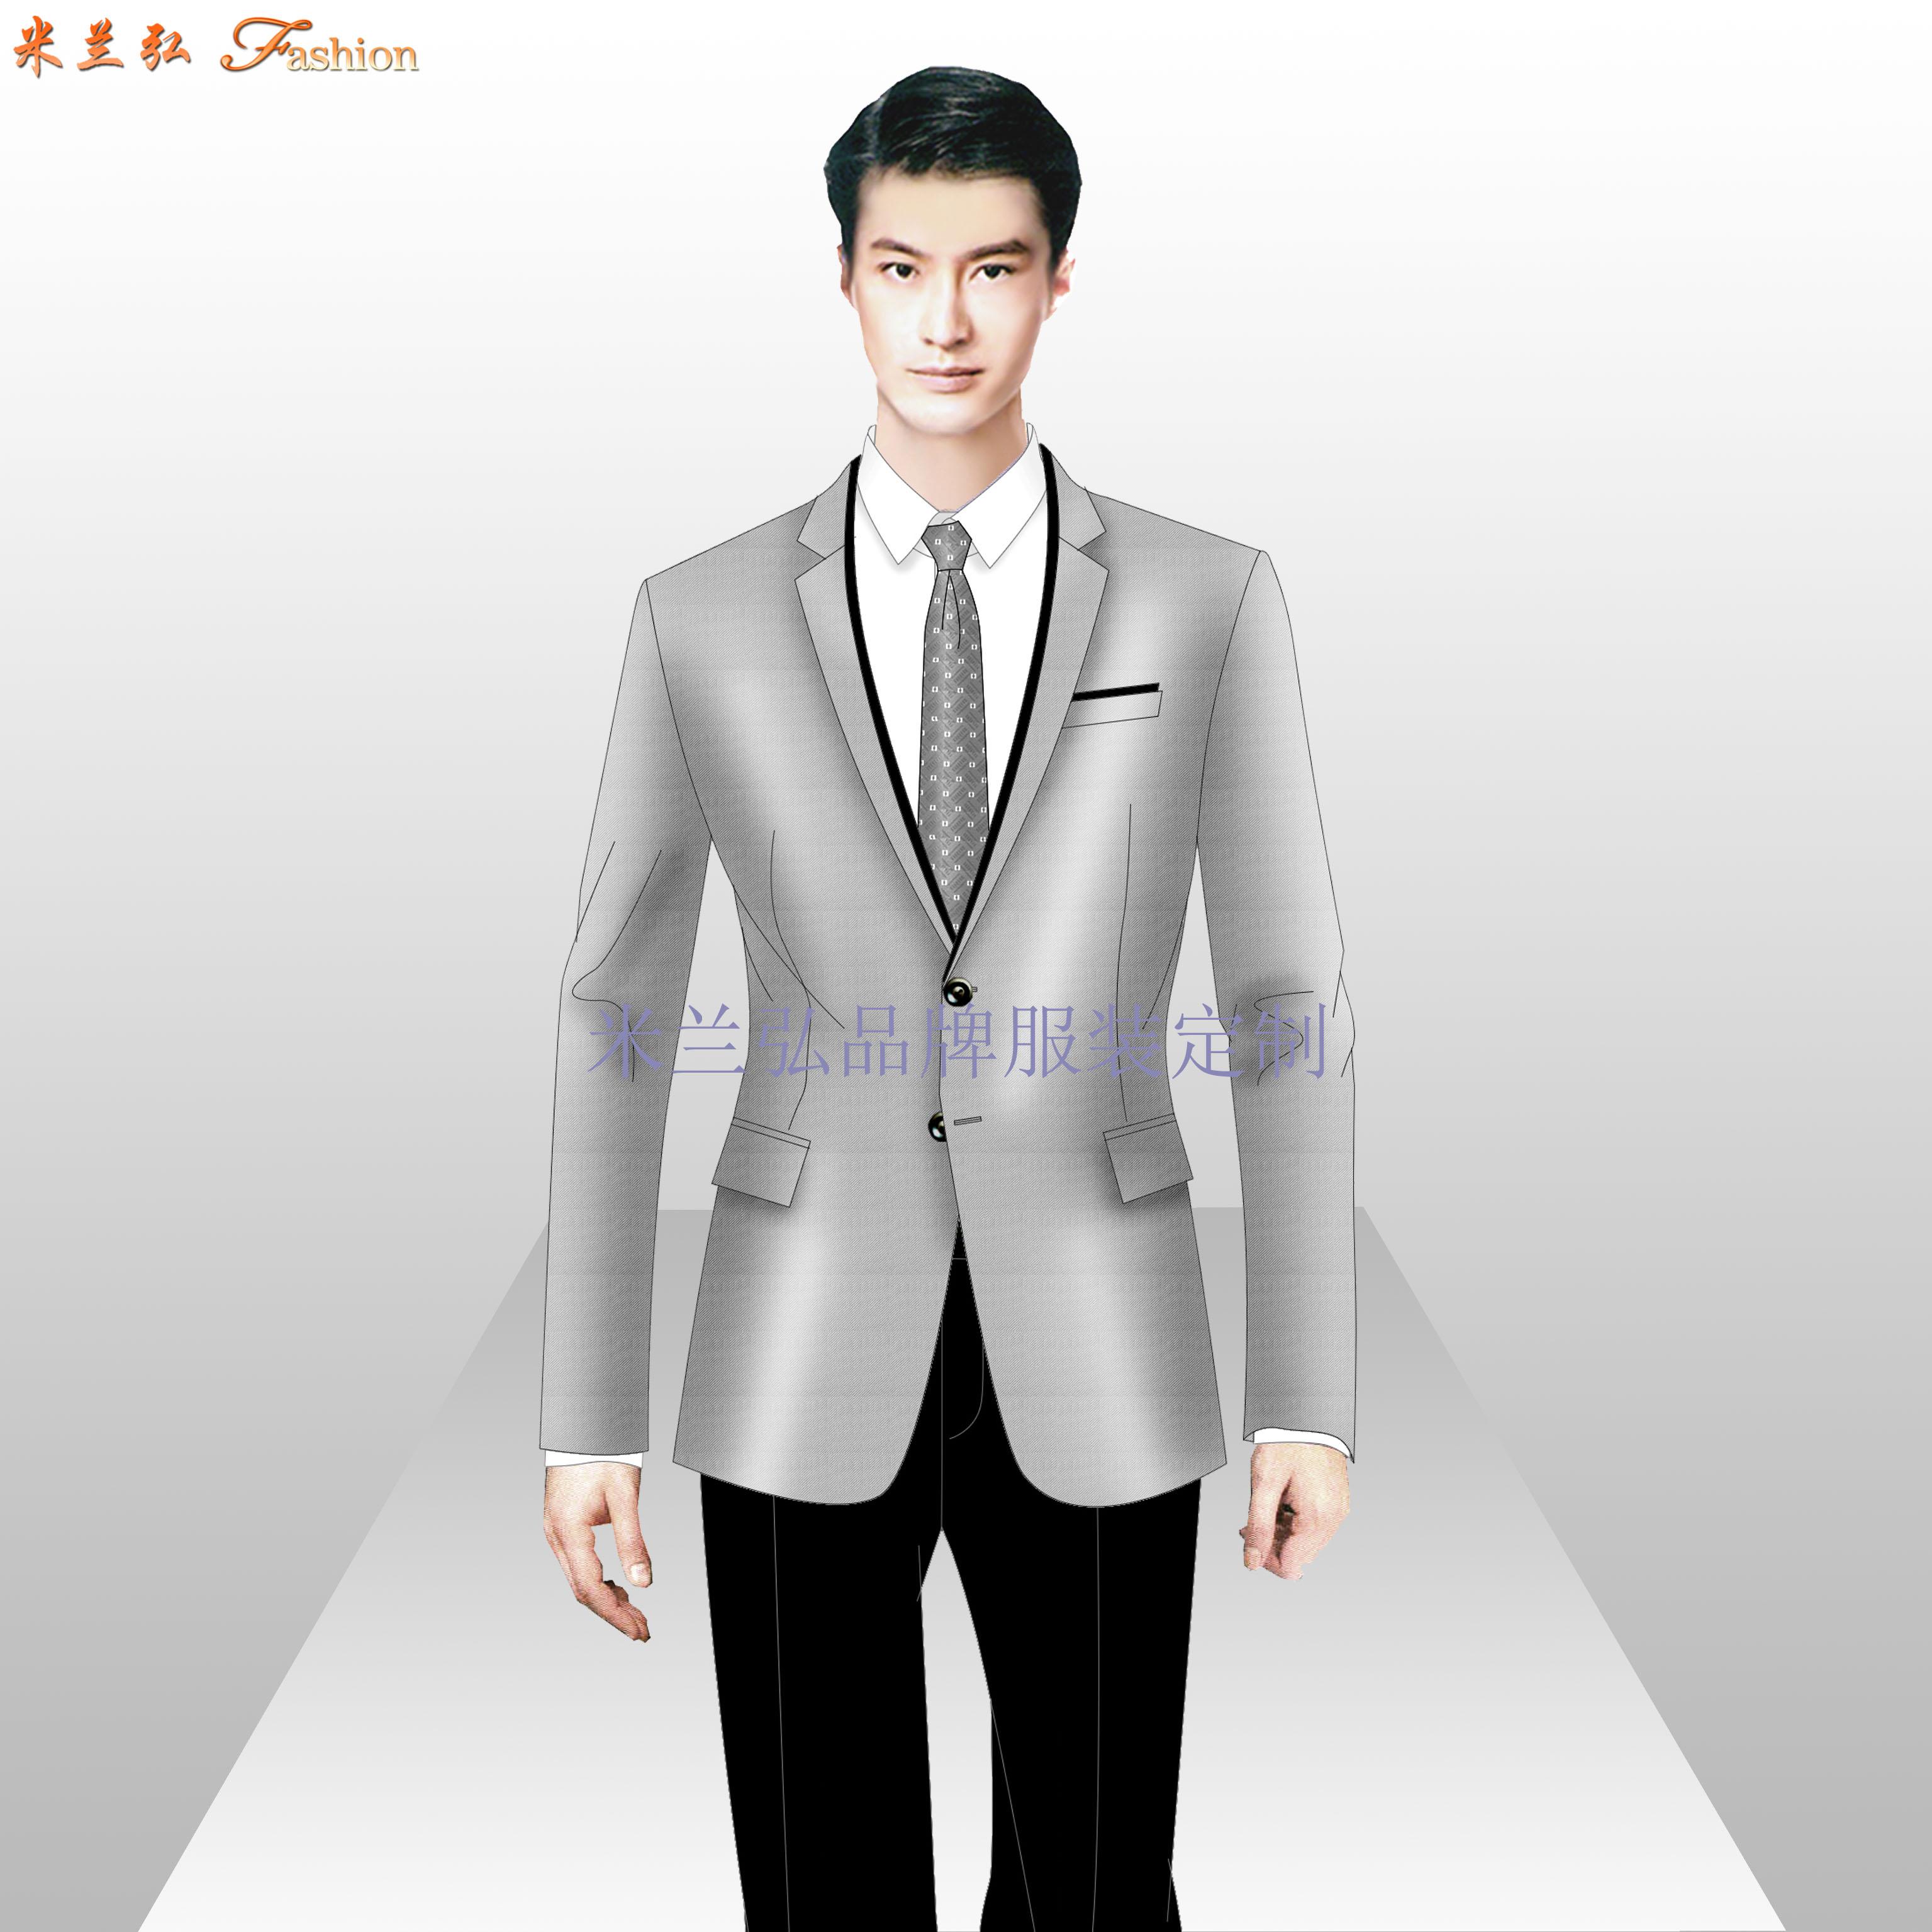 吉林職業裝_吉林職業裝訂製-永利注册网站職業裝廠家-4